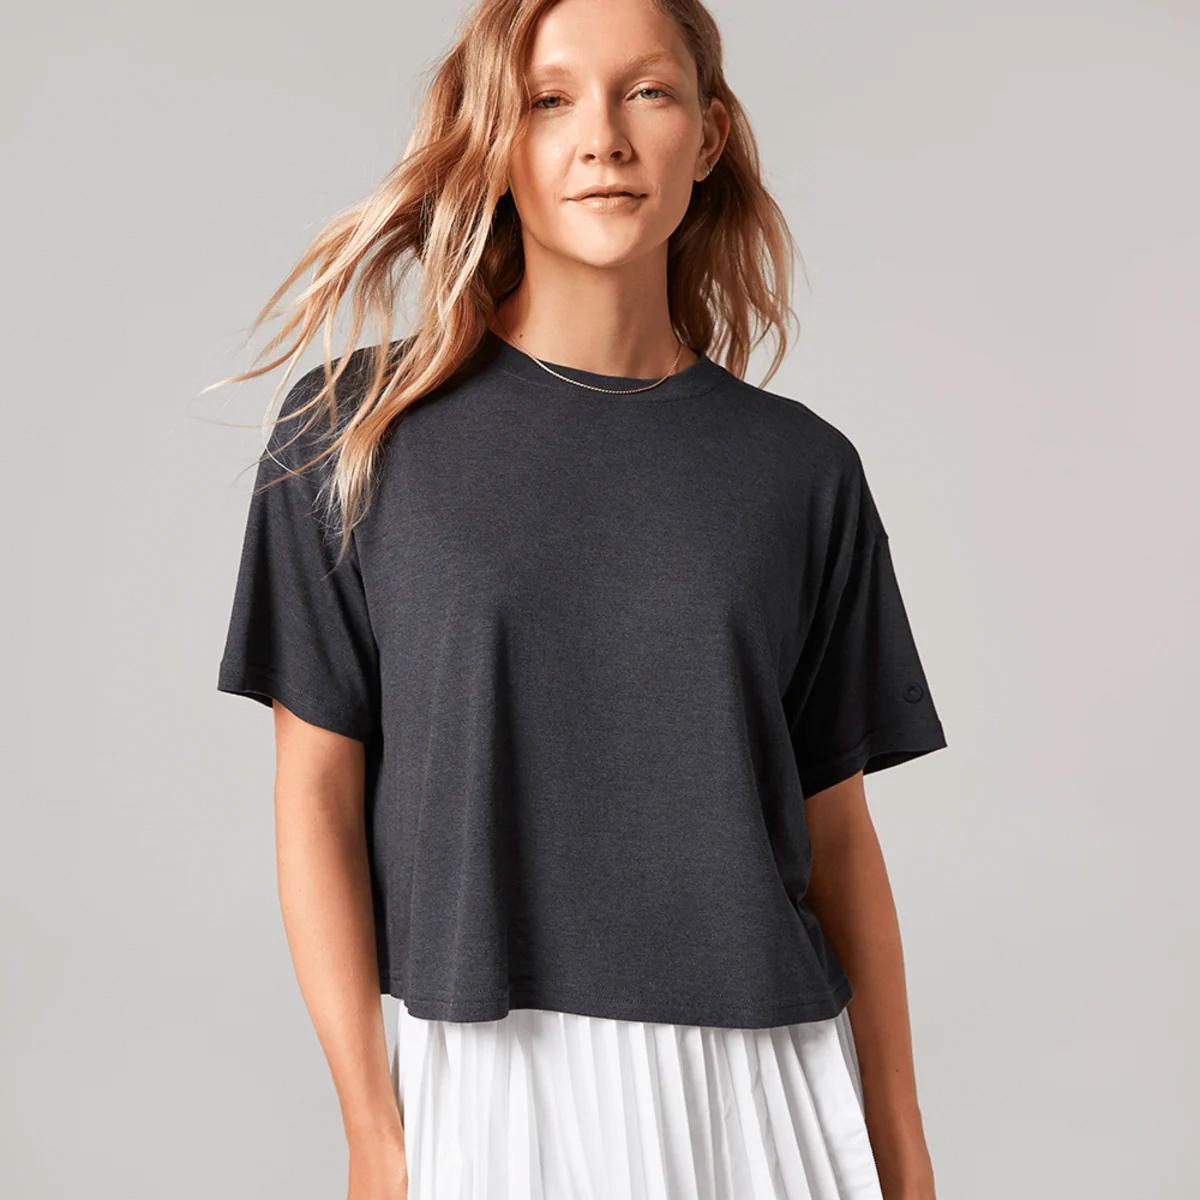 allbirds clothing line